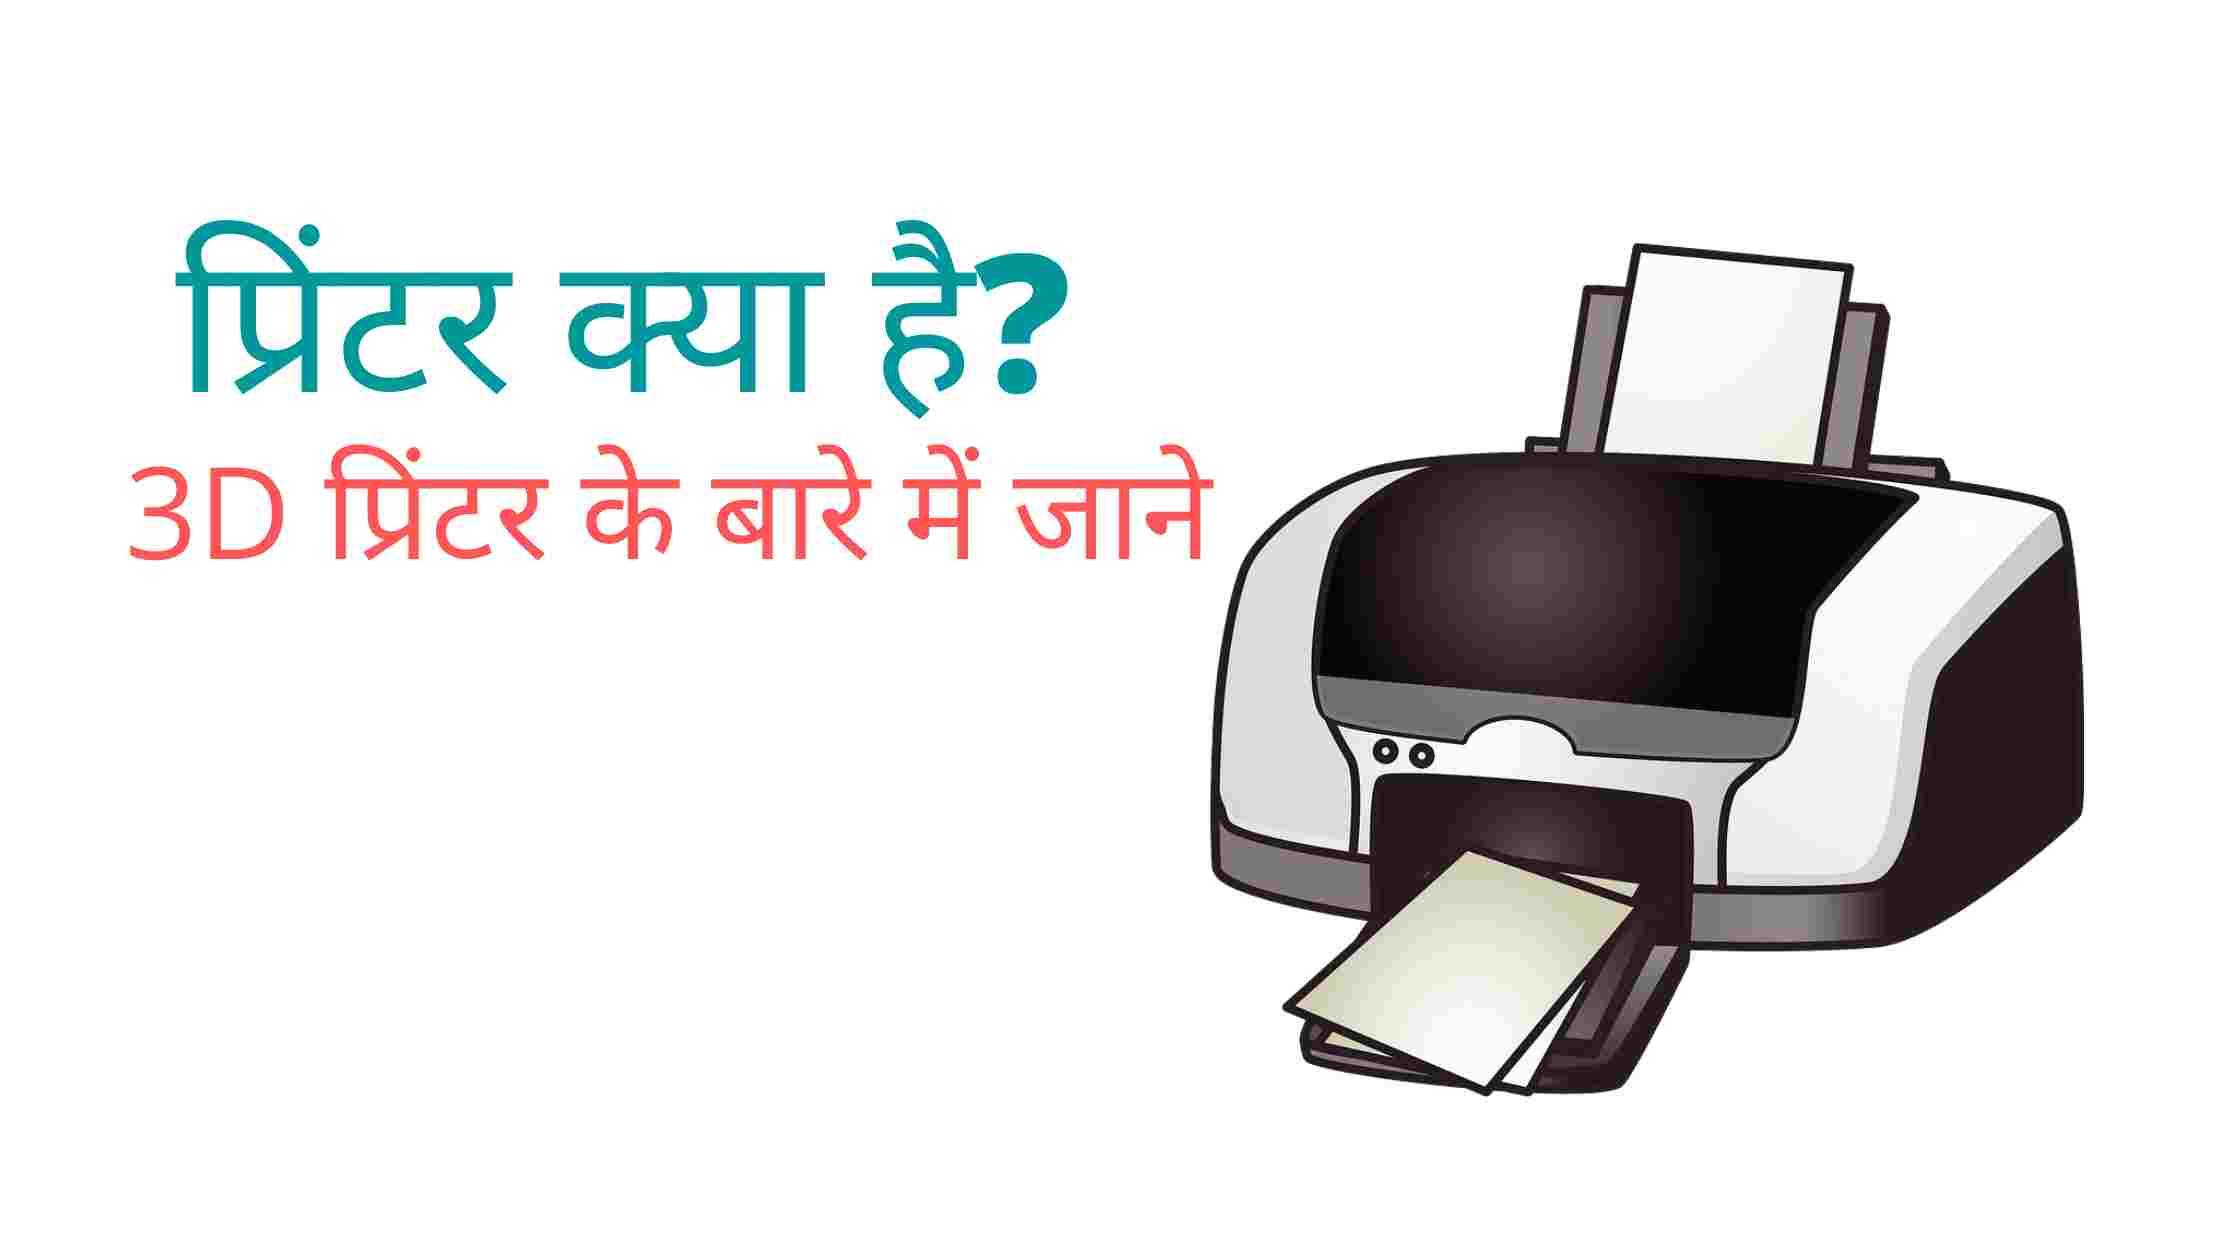 printer-types-in-hindi